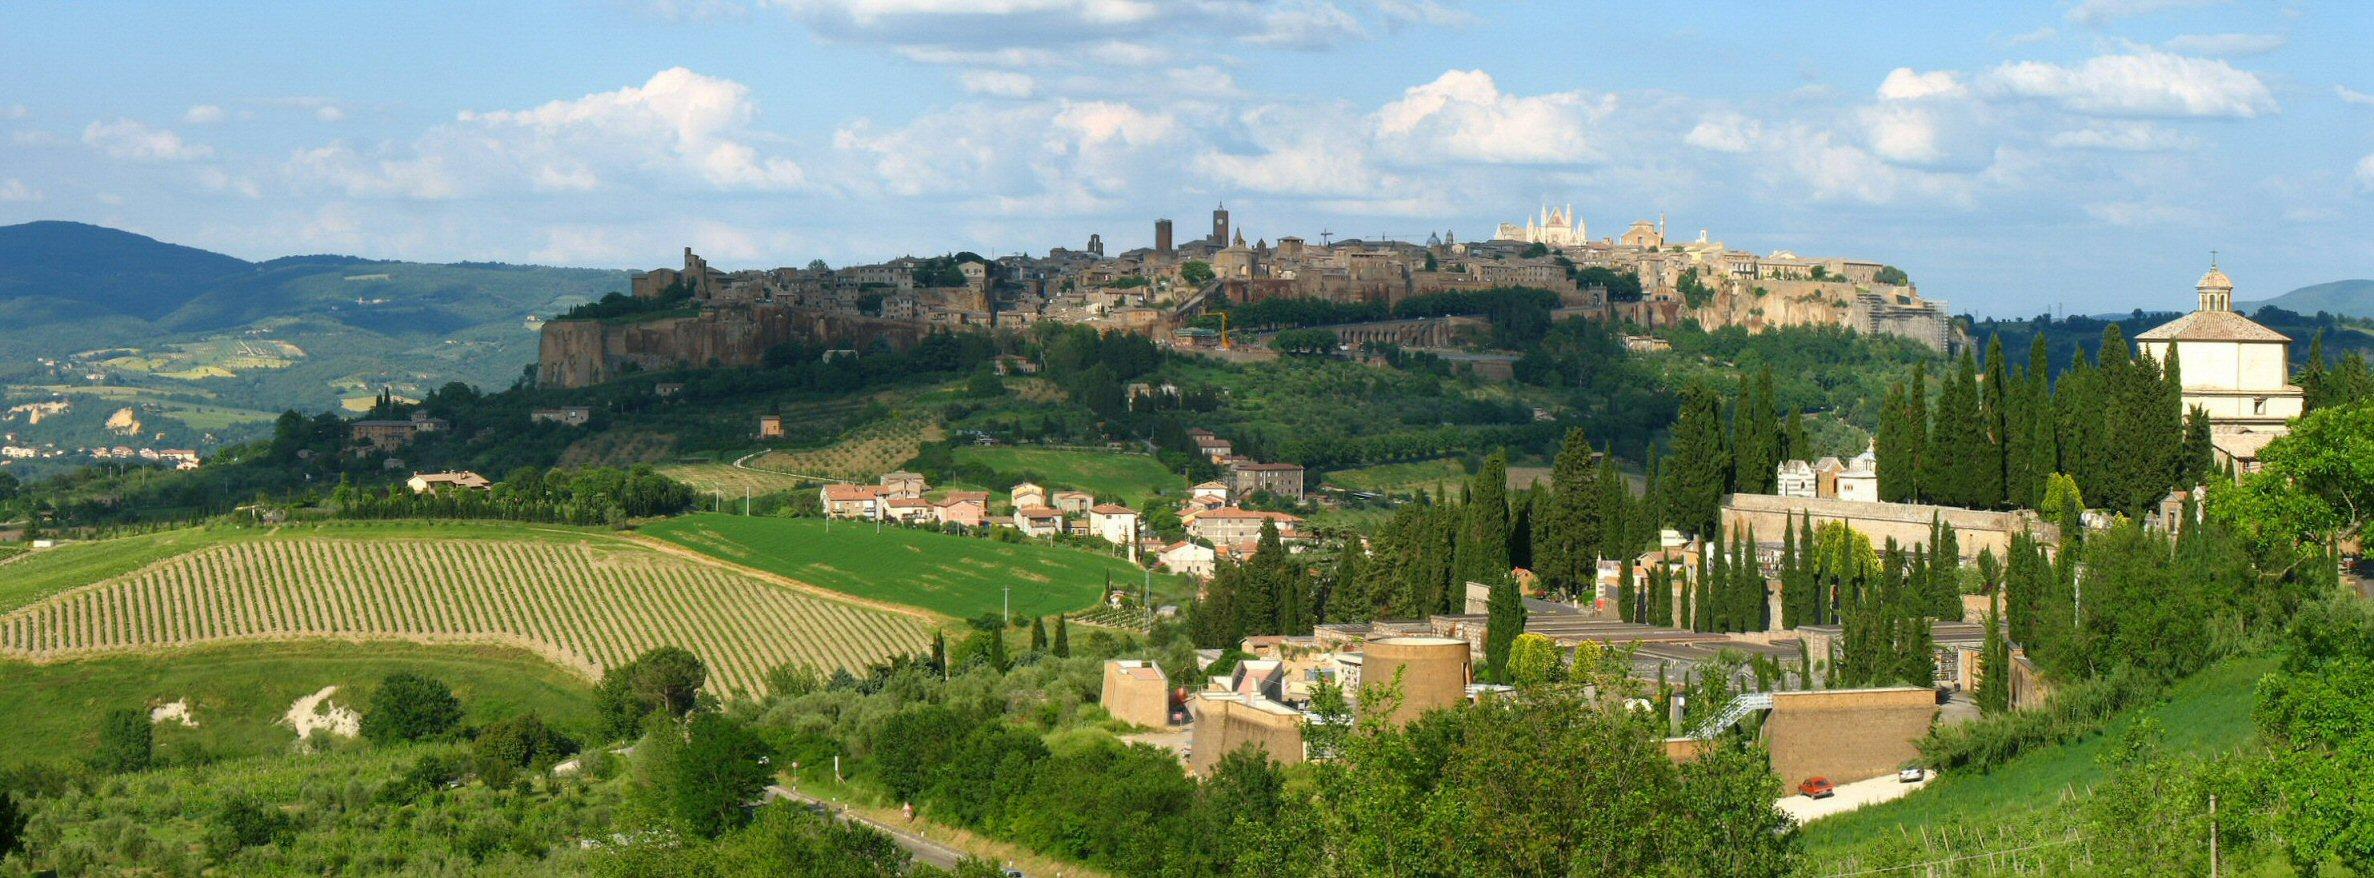 Орвието Умбрия, Италия, вид на город и поля панорама